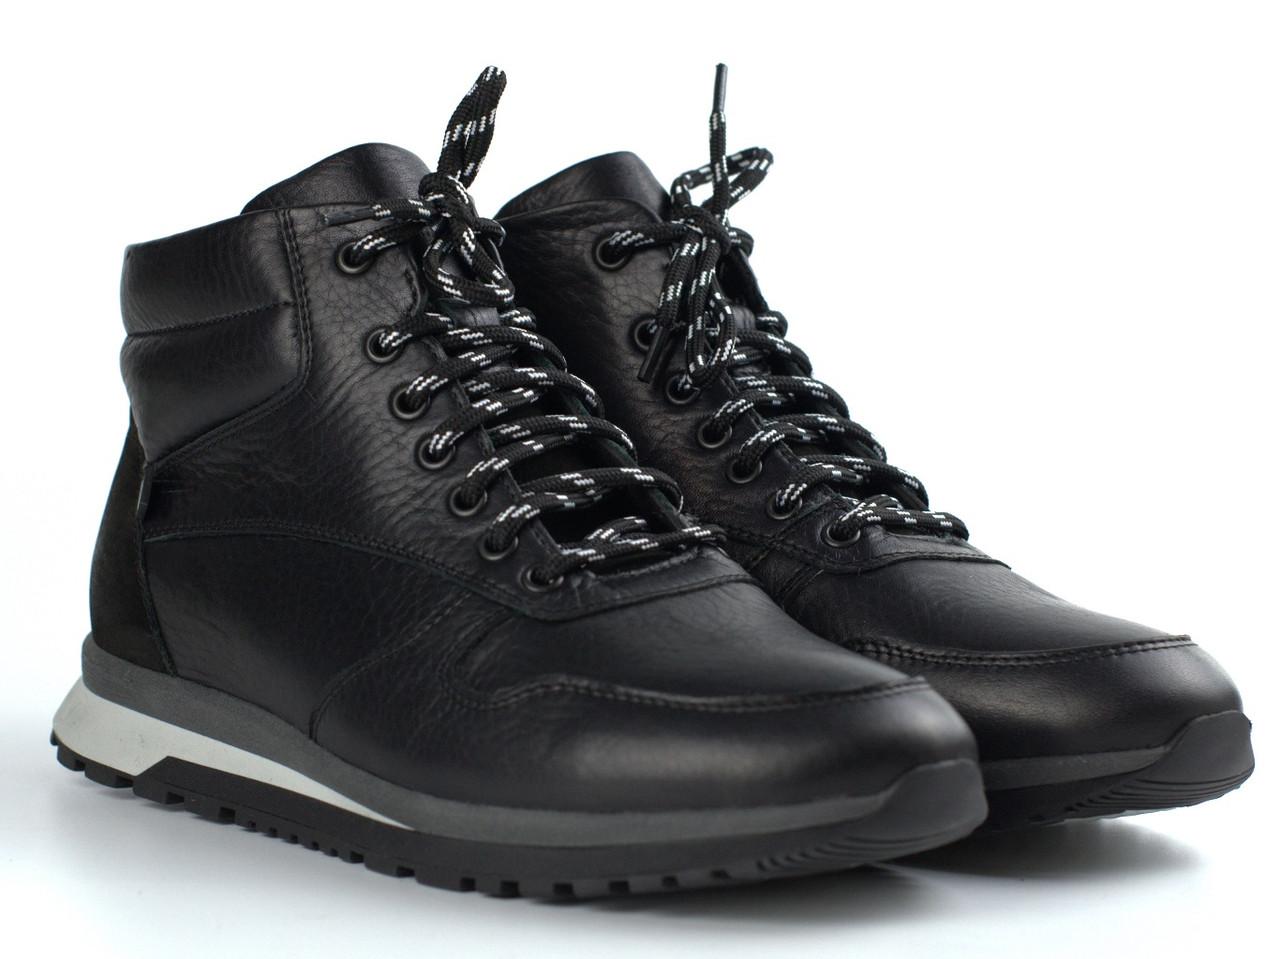 Кожаные зимние ботинки кроссовки на меху черные мужская обувь Rosso Avangard ReBaKa Black Leather